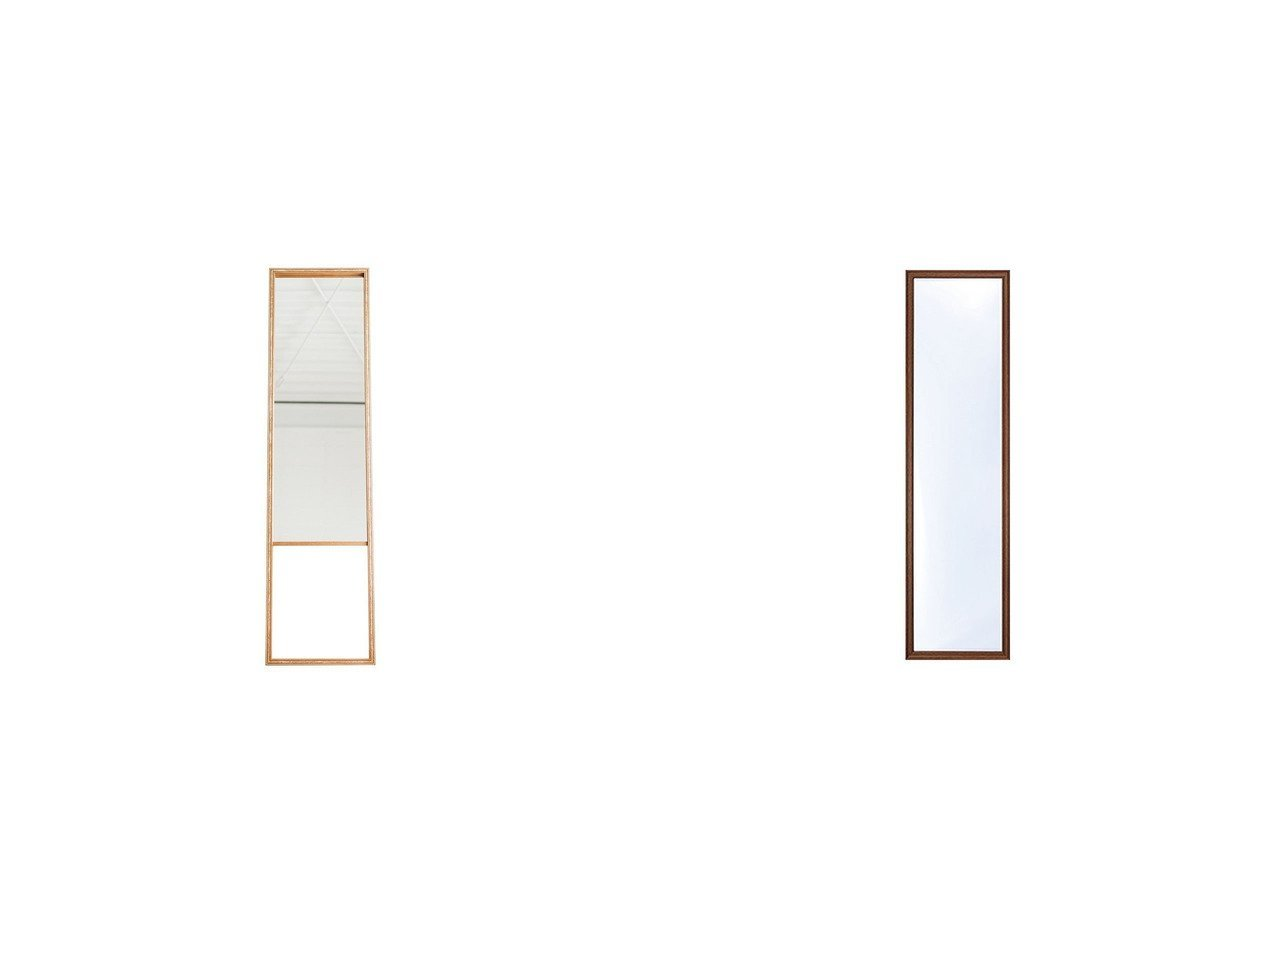 【FLYMEe vert/フライミー ヴェール】のウォールミラー m77314&【FLANGE plywood/フランジ プライウッド】のミラー 【FURNITURE】おすすめ!人気、インテリア雑貨・家具の通販 おすすめで人気の流行・トレンド、ファッションの通販商品 インテリア・家具・メンズファッション・キッズファッション・レディースファッション・服の通販 founy(ファニー) https://founy.com/ 送料無料 Free Shipping ウッド スタンド フレーム ローズ シンプル ホーム・キャンプ・アウトドア Home,Garden,Outdoor,Camping Gear 家具・インテリア Furniture ミラー・ドレッサー Mirror ミラー・鏡 ホーム・キャンプ・アウトドア Home,Garden,Outdoor,Camping Gear 家具・インテリア Furniture ミラー・ドレッサー Mirror ドレッサー  ID:crp329100000055505